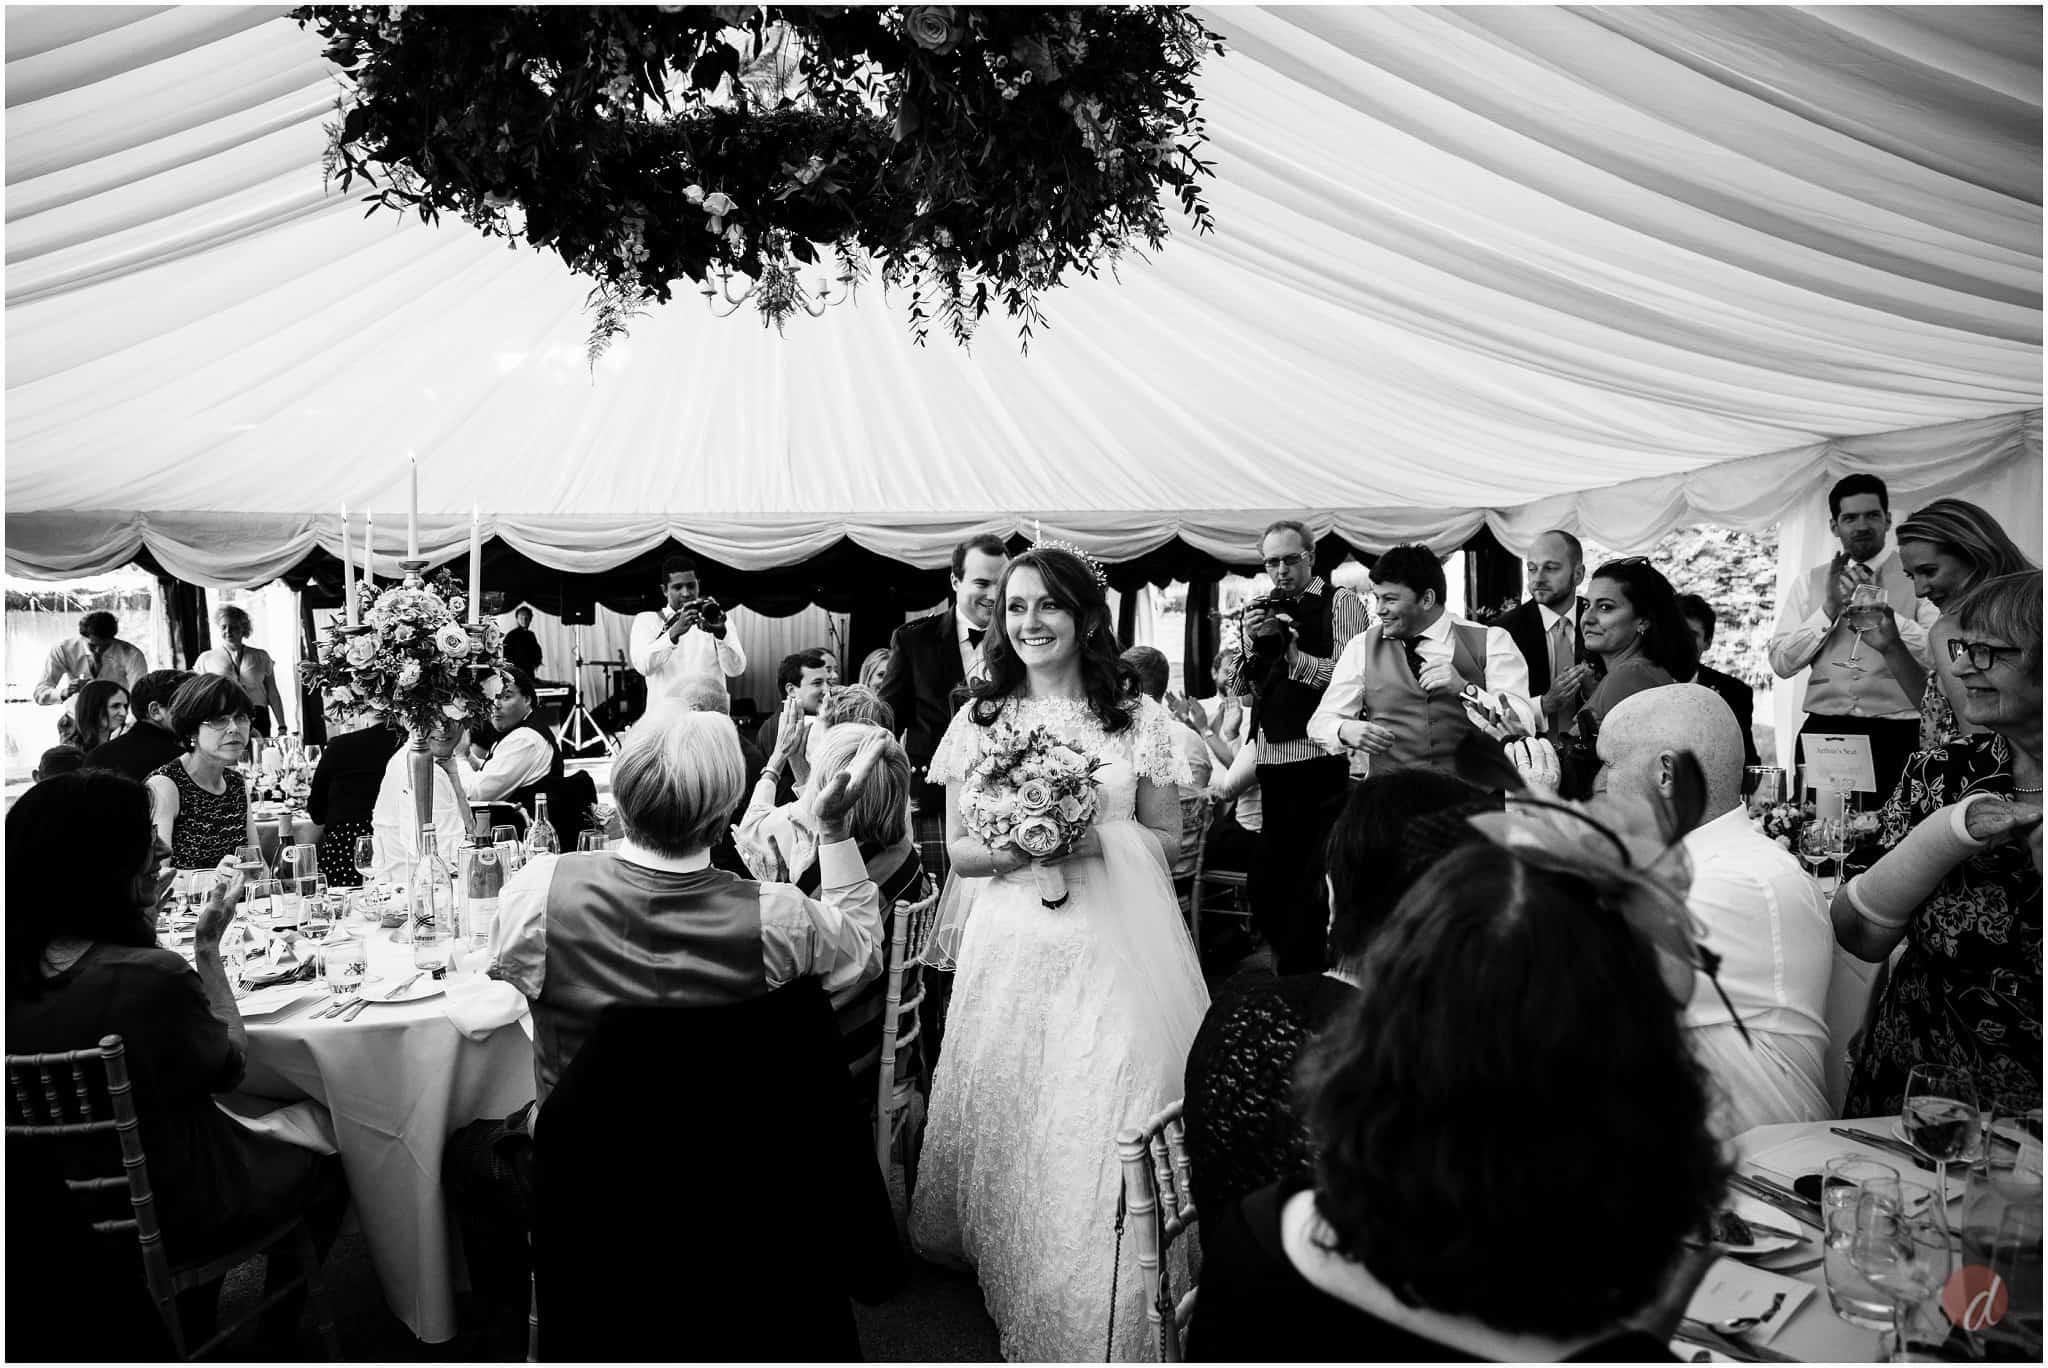 wedding photo squerryes court